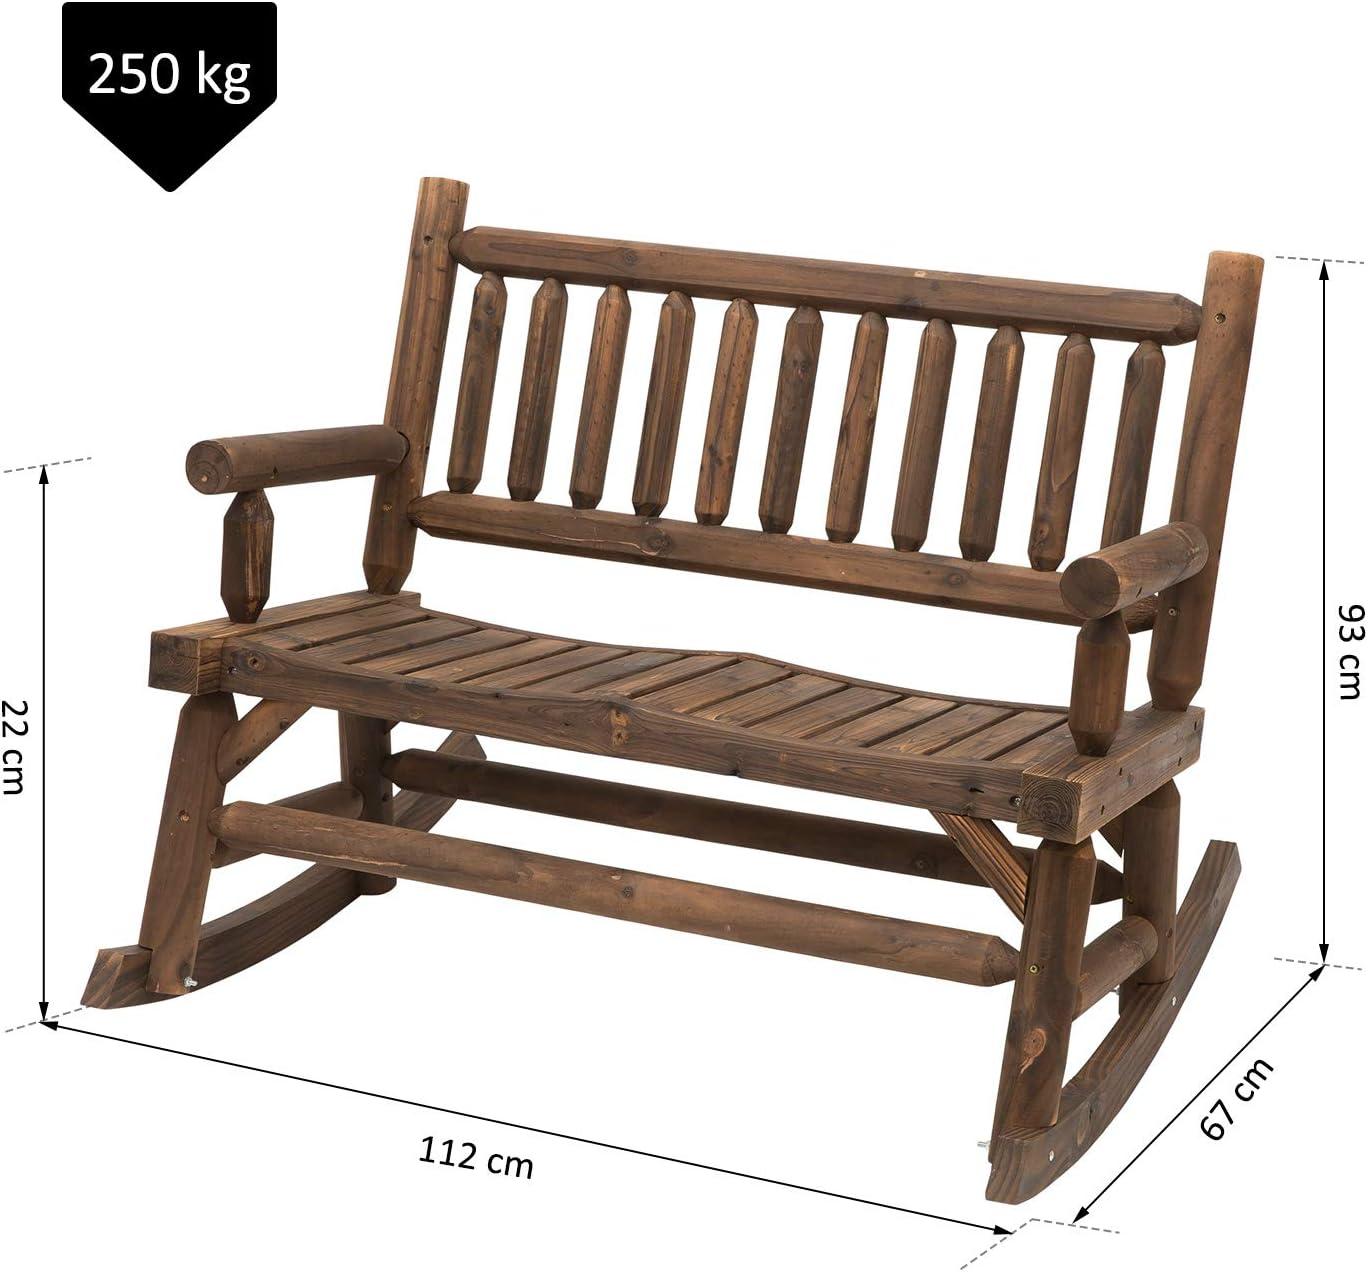 112x67x93cm Peso Massimo 250 kg Outsunny Panchina a Dondolo 2 Posti in Legno di Abete Design Rustico per Esterni